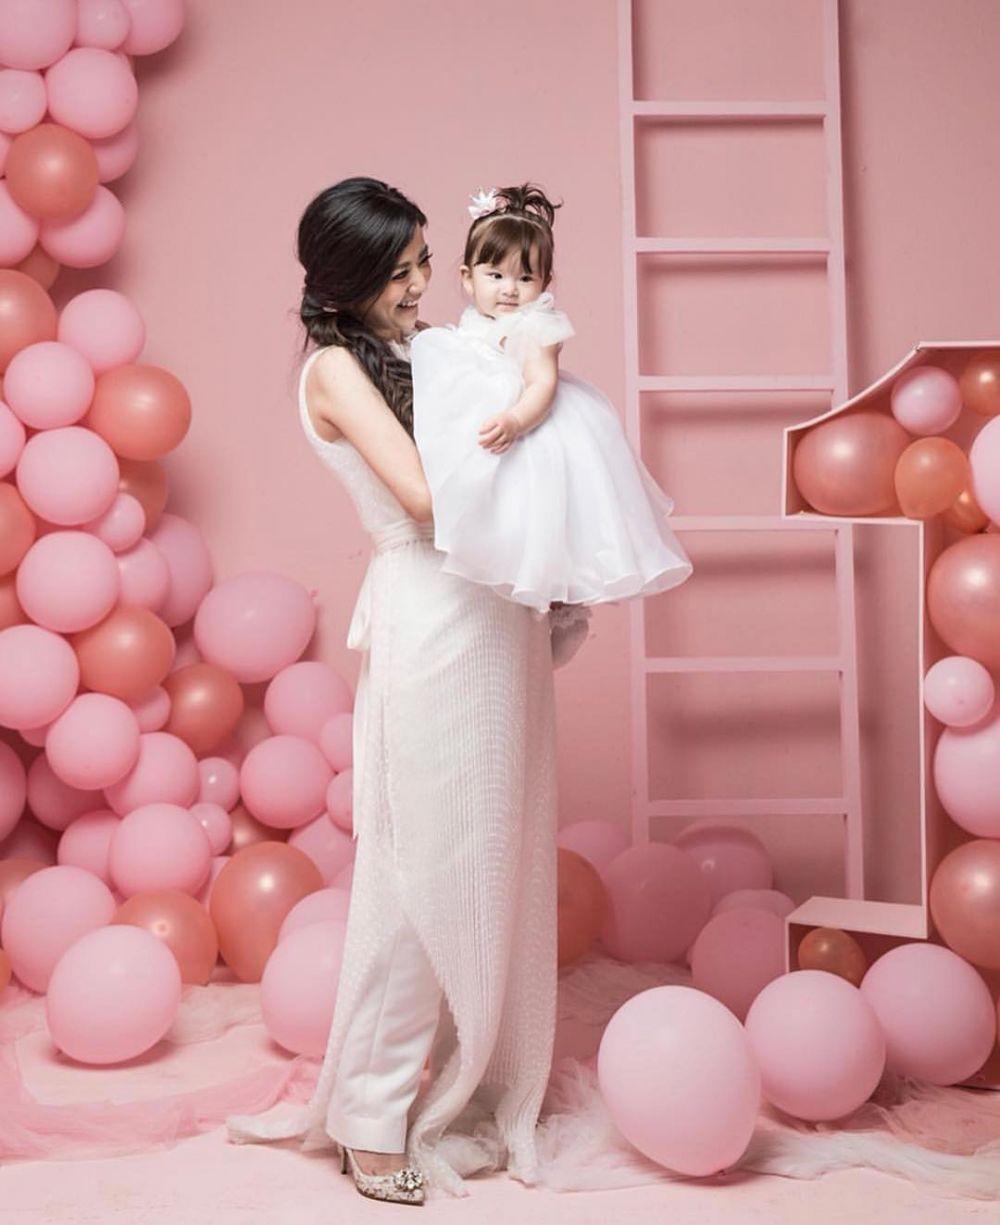 Momen ultah pertama putri Franda & Samuel Zylqwyn © 2019 brilio.net